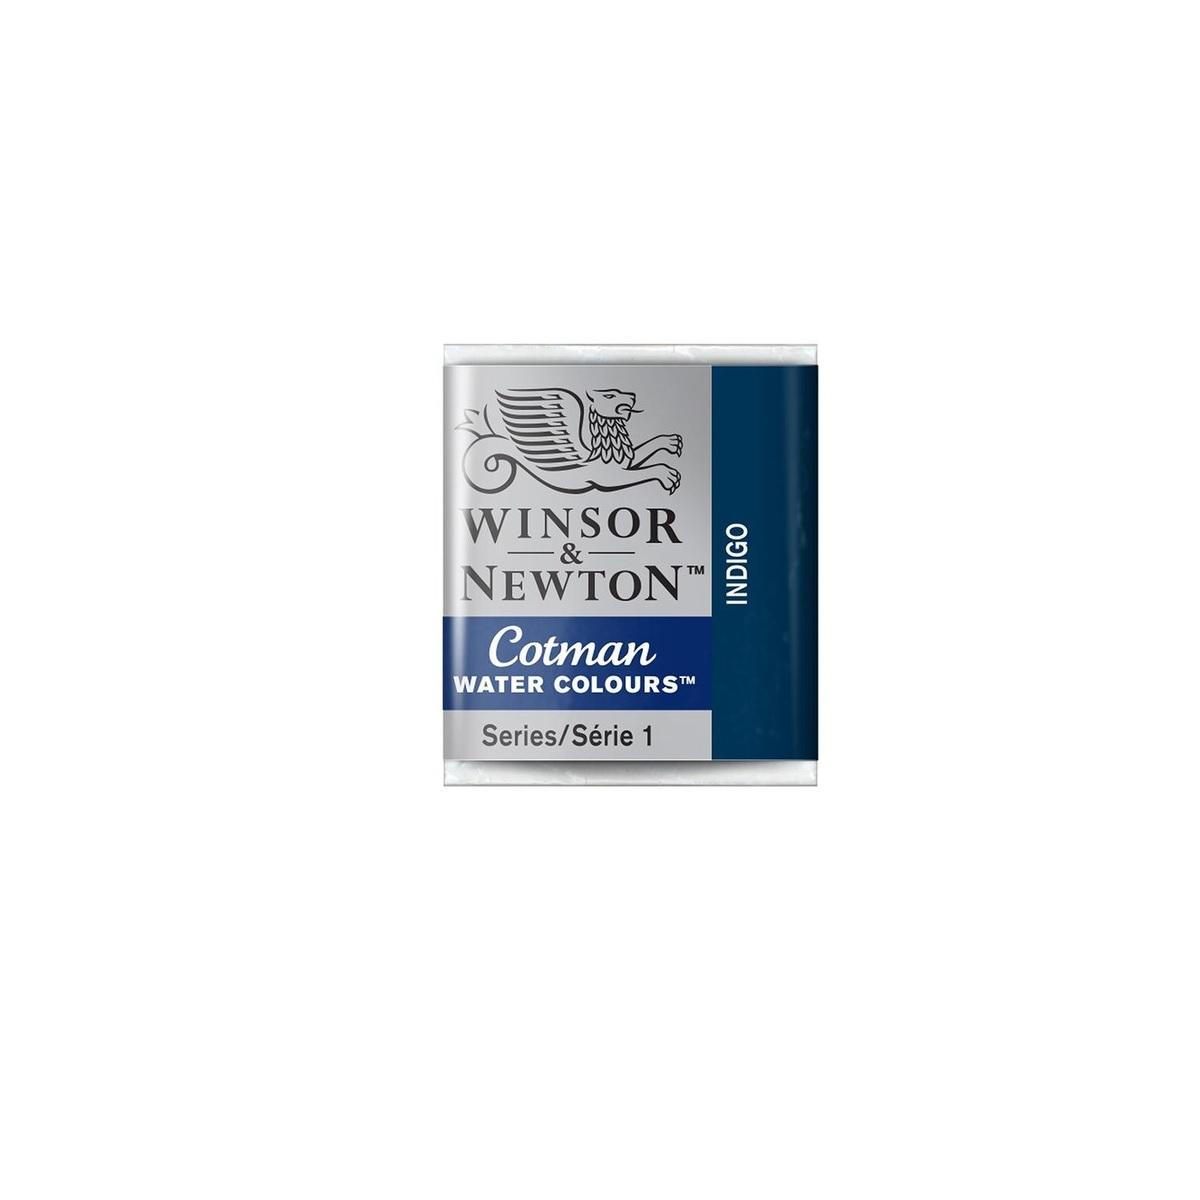 CWC-322 WINSOR & NEWTON                                              | ACUARELA COTMAN EN PASTILLA 1/2 PAN INDIGO